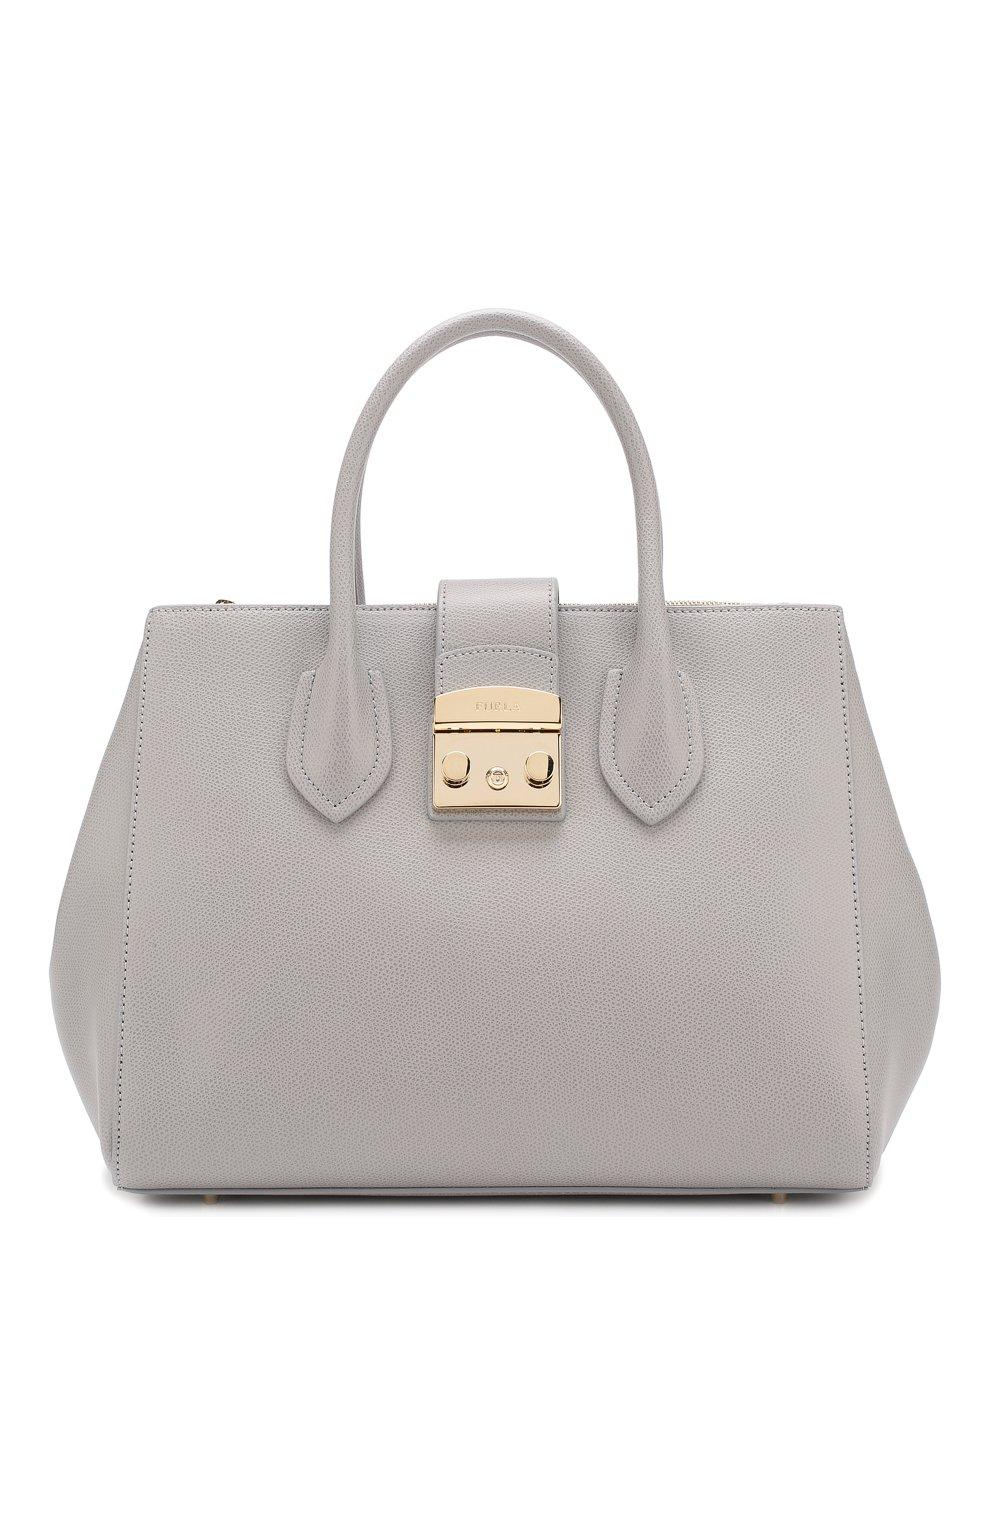 350394346a57 Женская сумка-тоут metropolis FURLA серая цвета — купить за 27500 ...